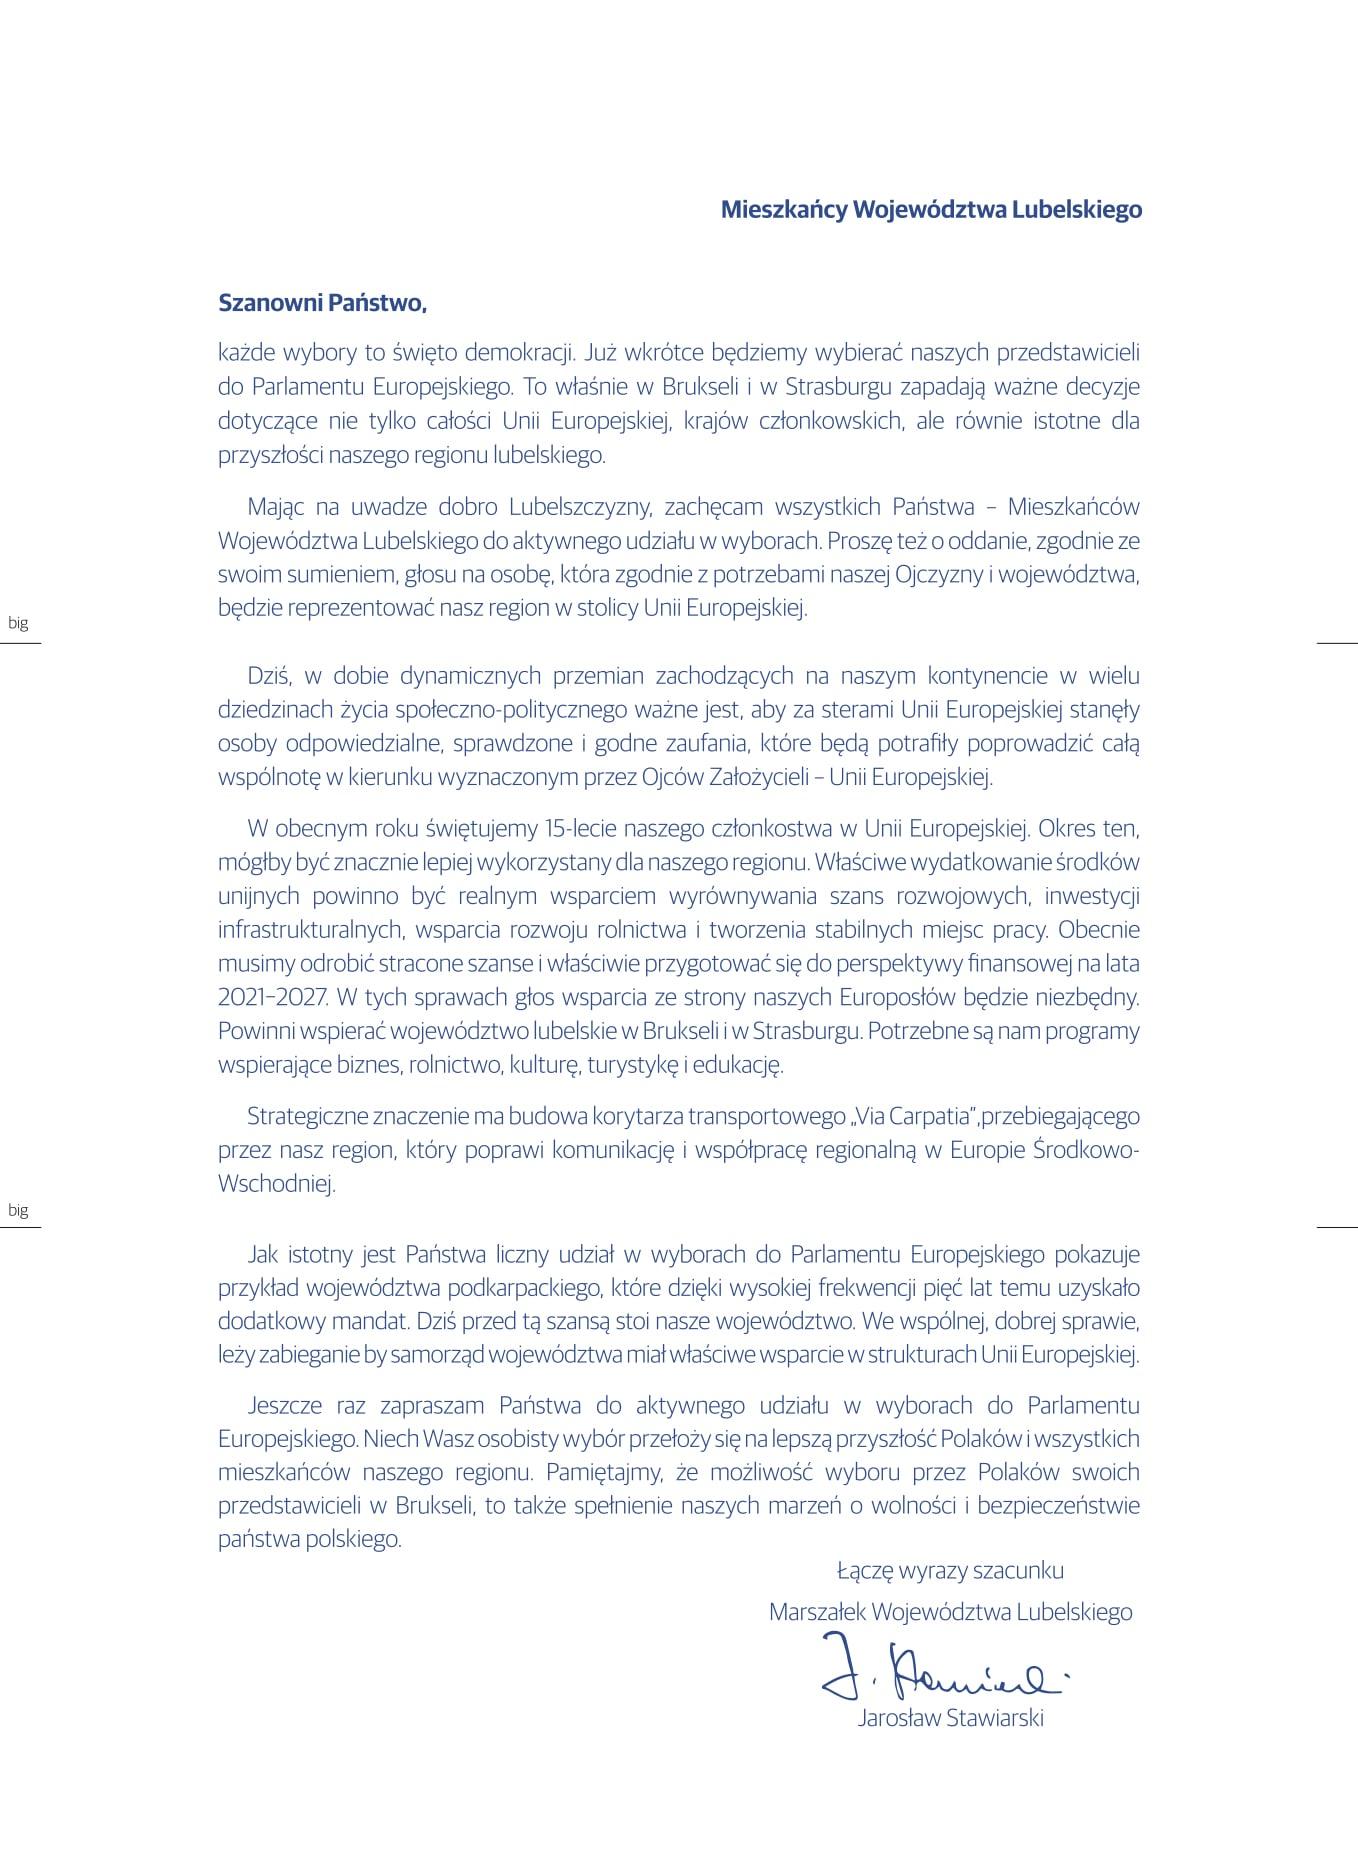 eurowybory list Władze Województwa Lubelskiego apelują o udział w wyborach do Parlamentu Europejskiego